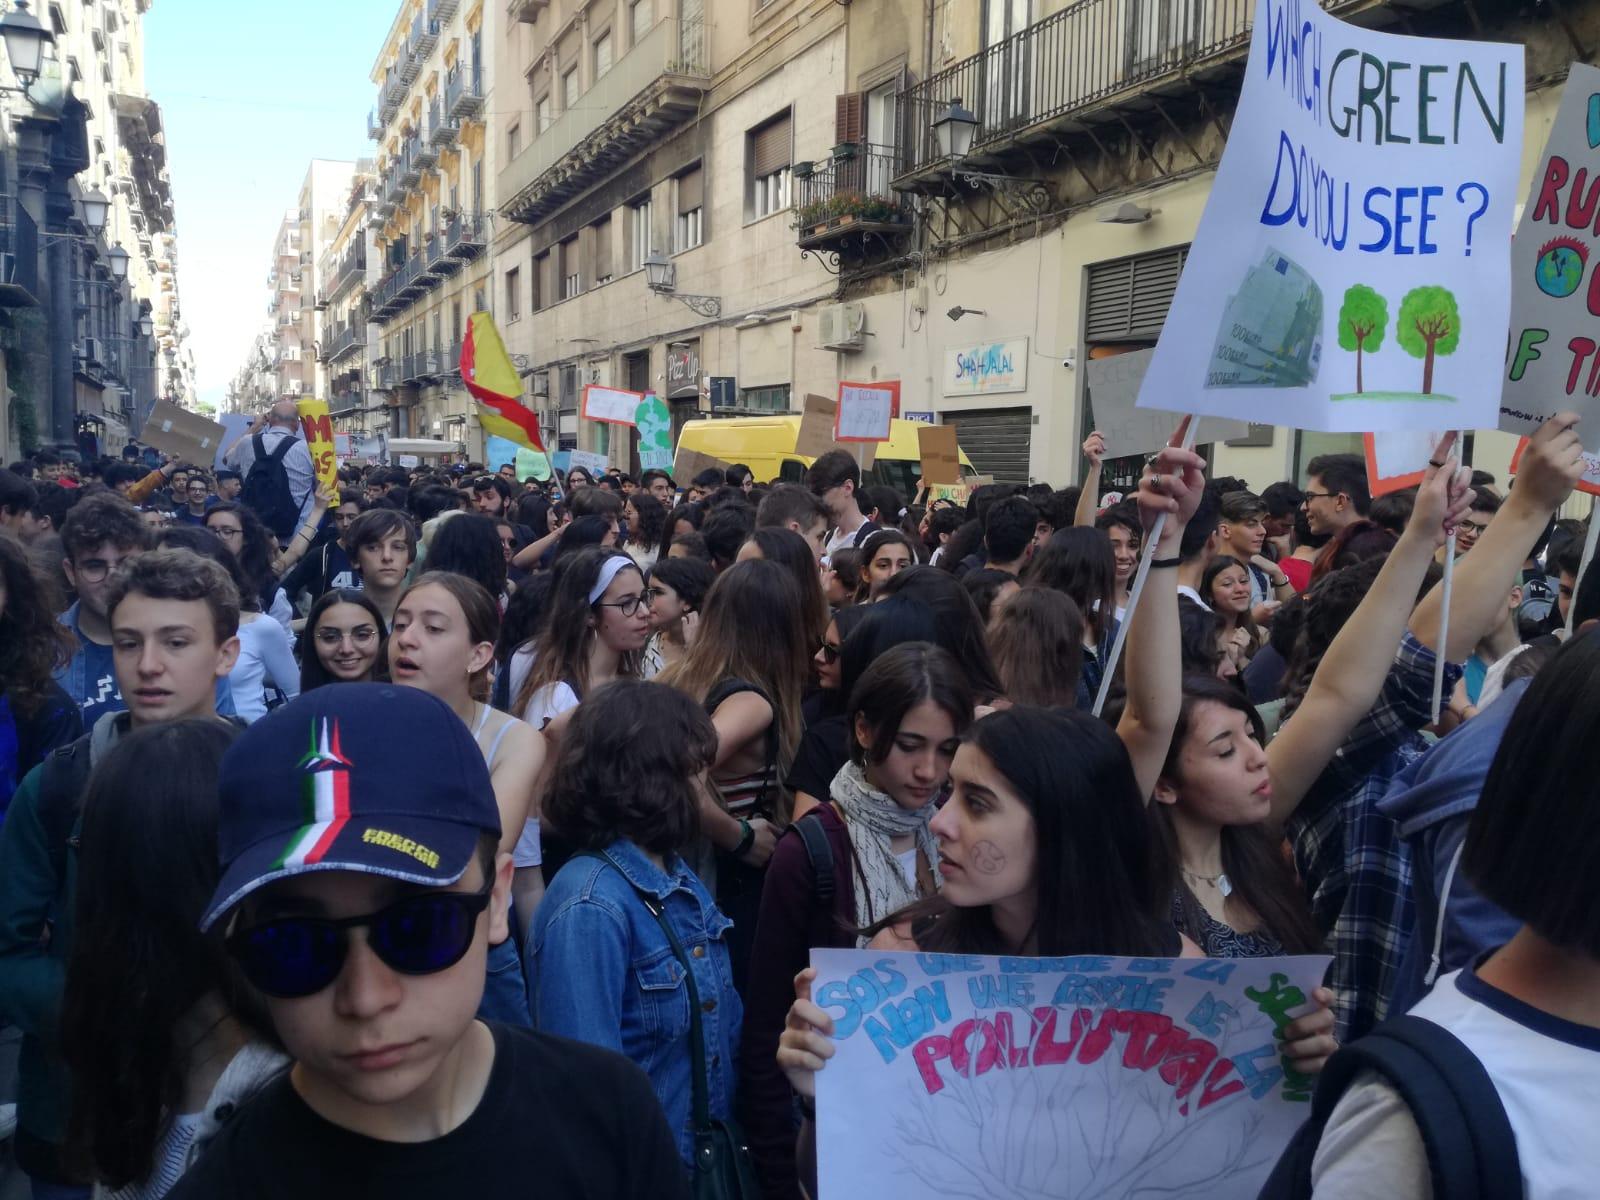 Sicilia, sciopero globale per il futuro: in piazza per cambiare il sistema